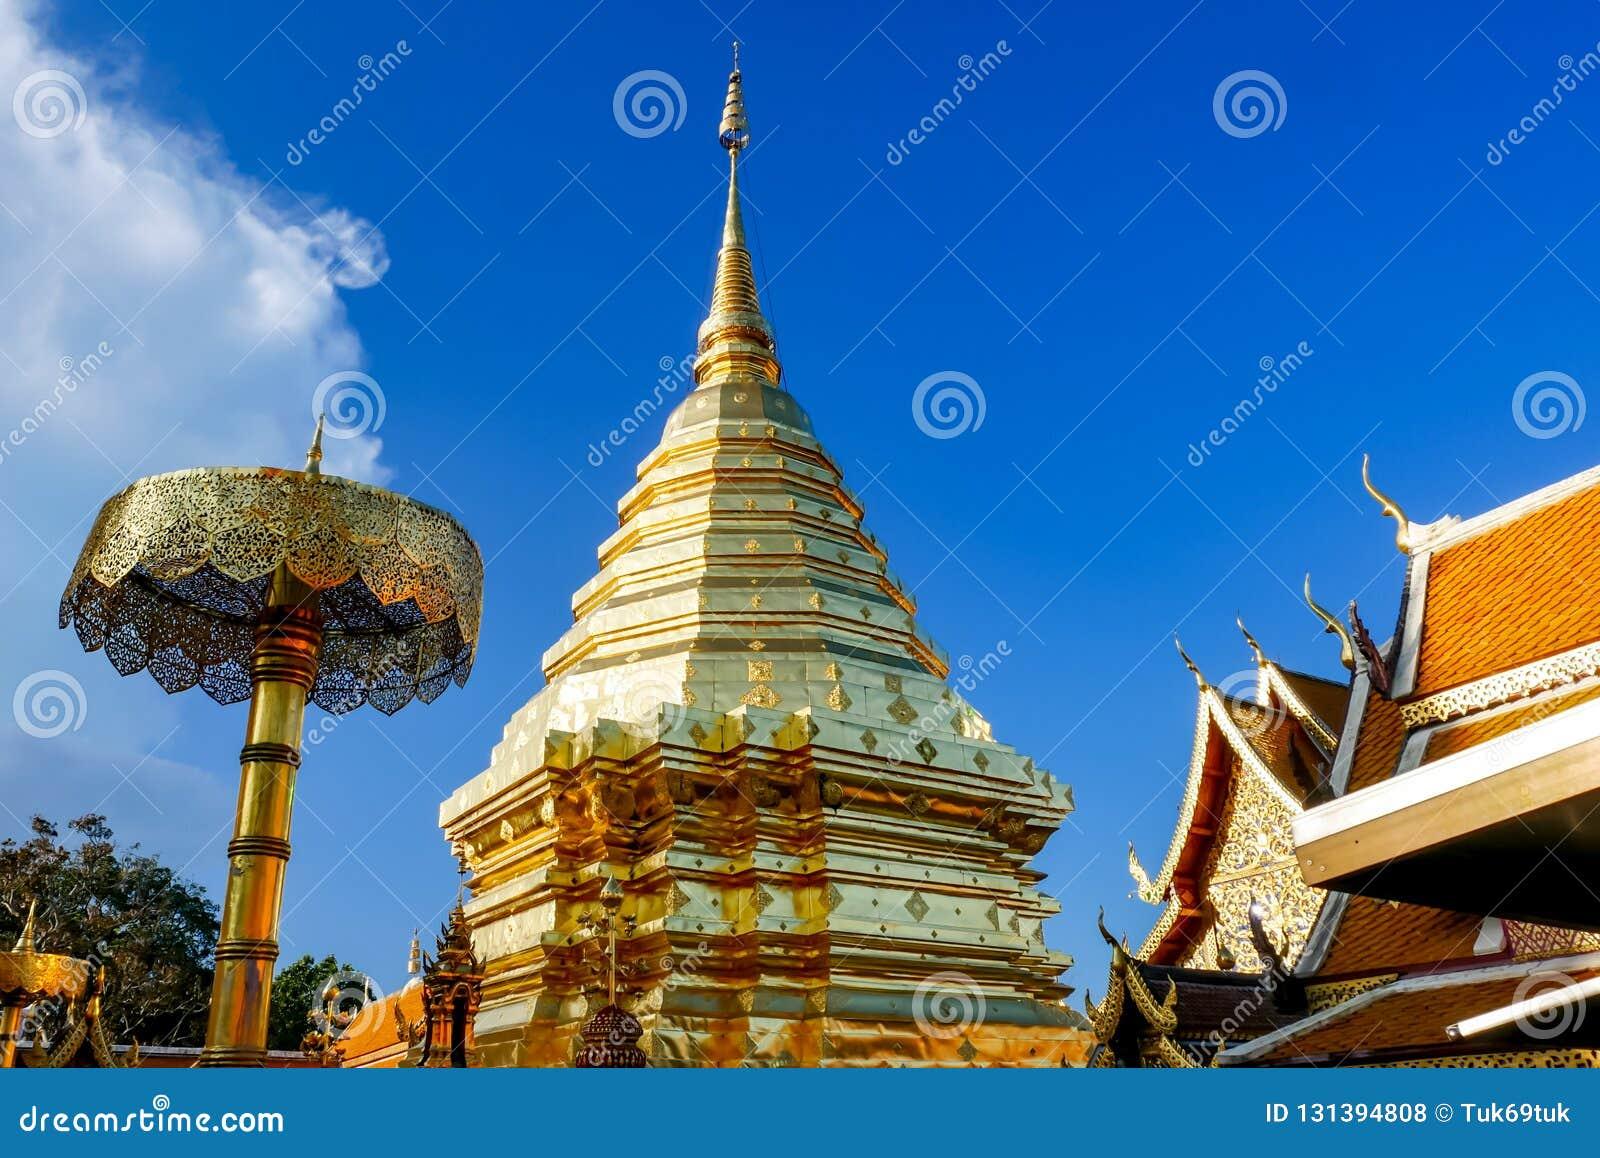 Wat Phra That Doi Suthep é atração turística de Chiang Mai, Tailândia Ásia